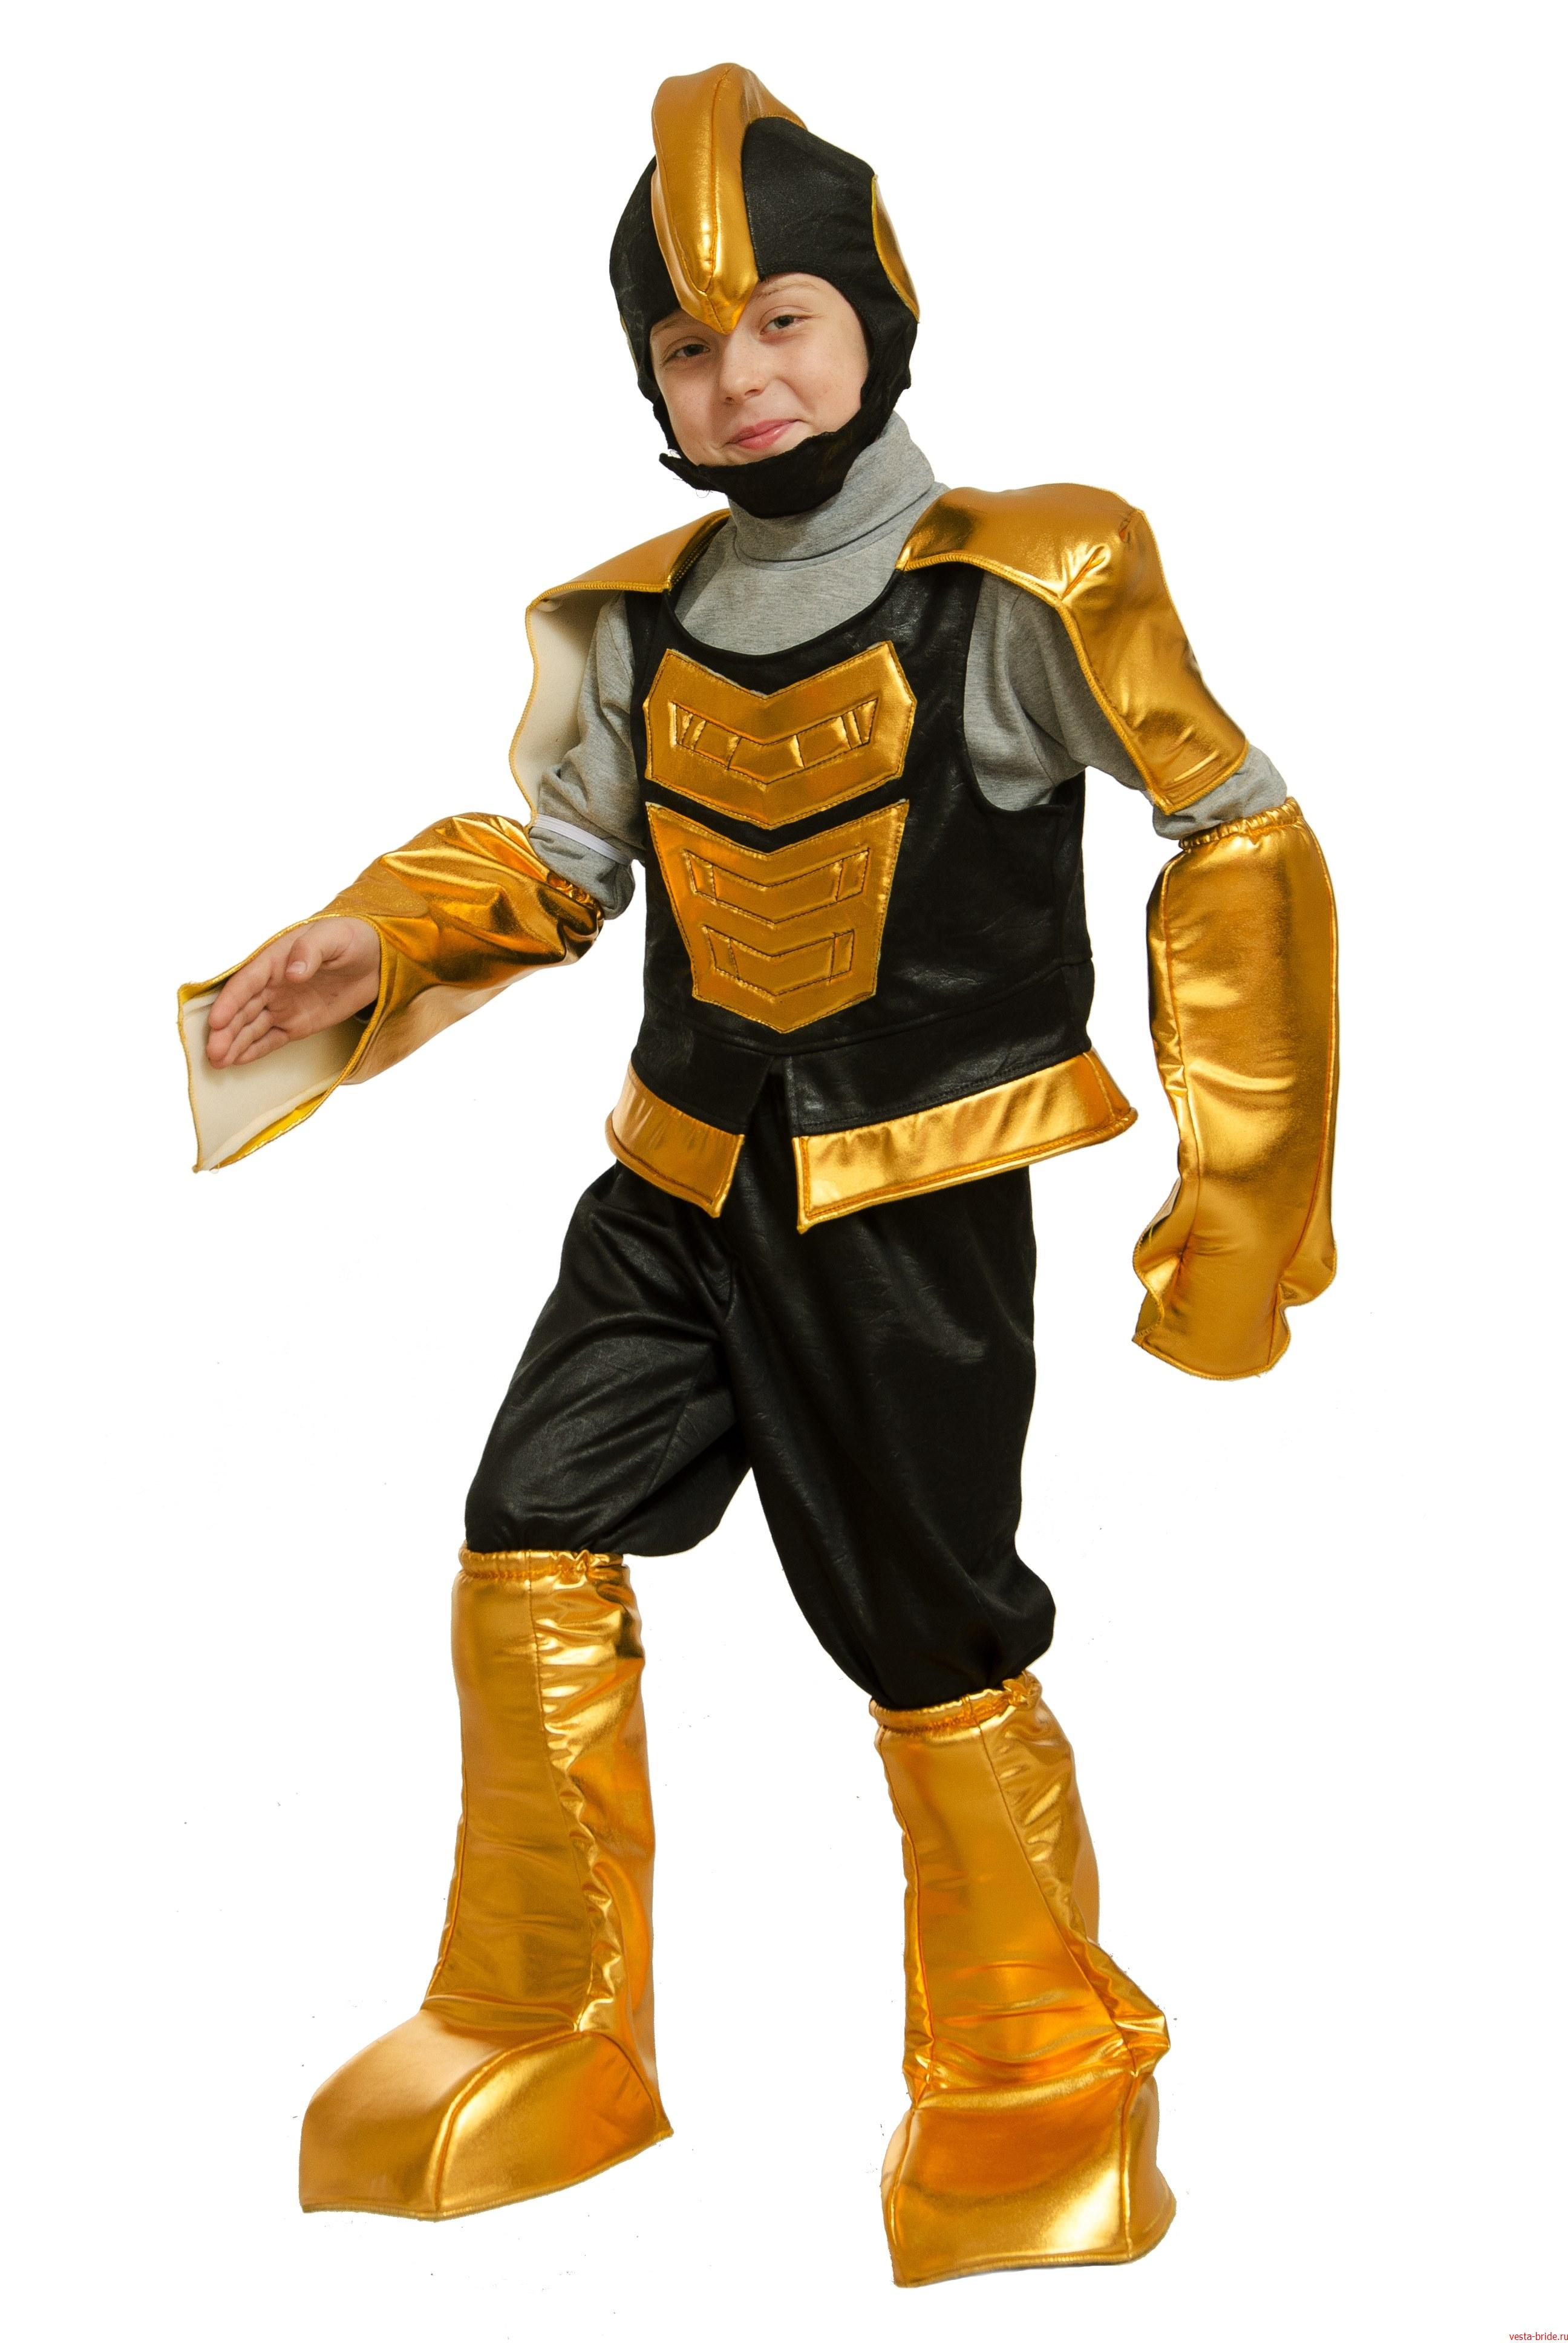 d14422999fa Детские карнавальные костюмы в СПБ  огромный выбор